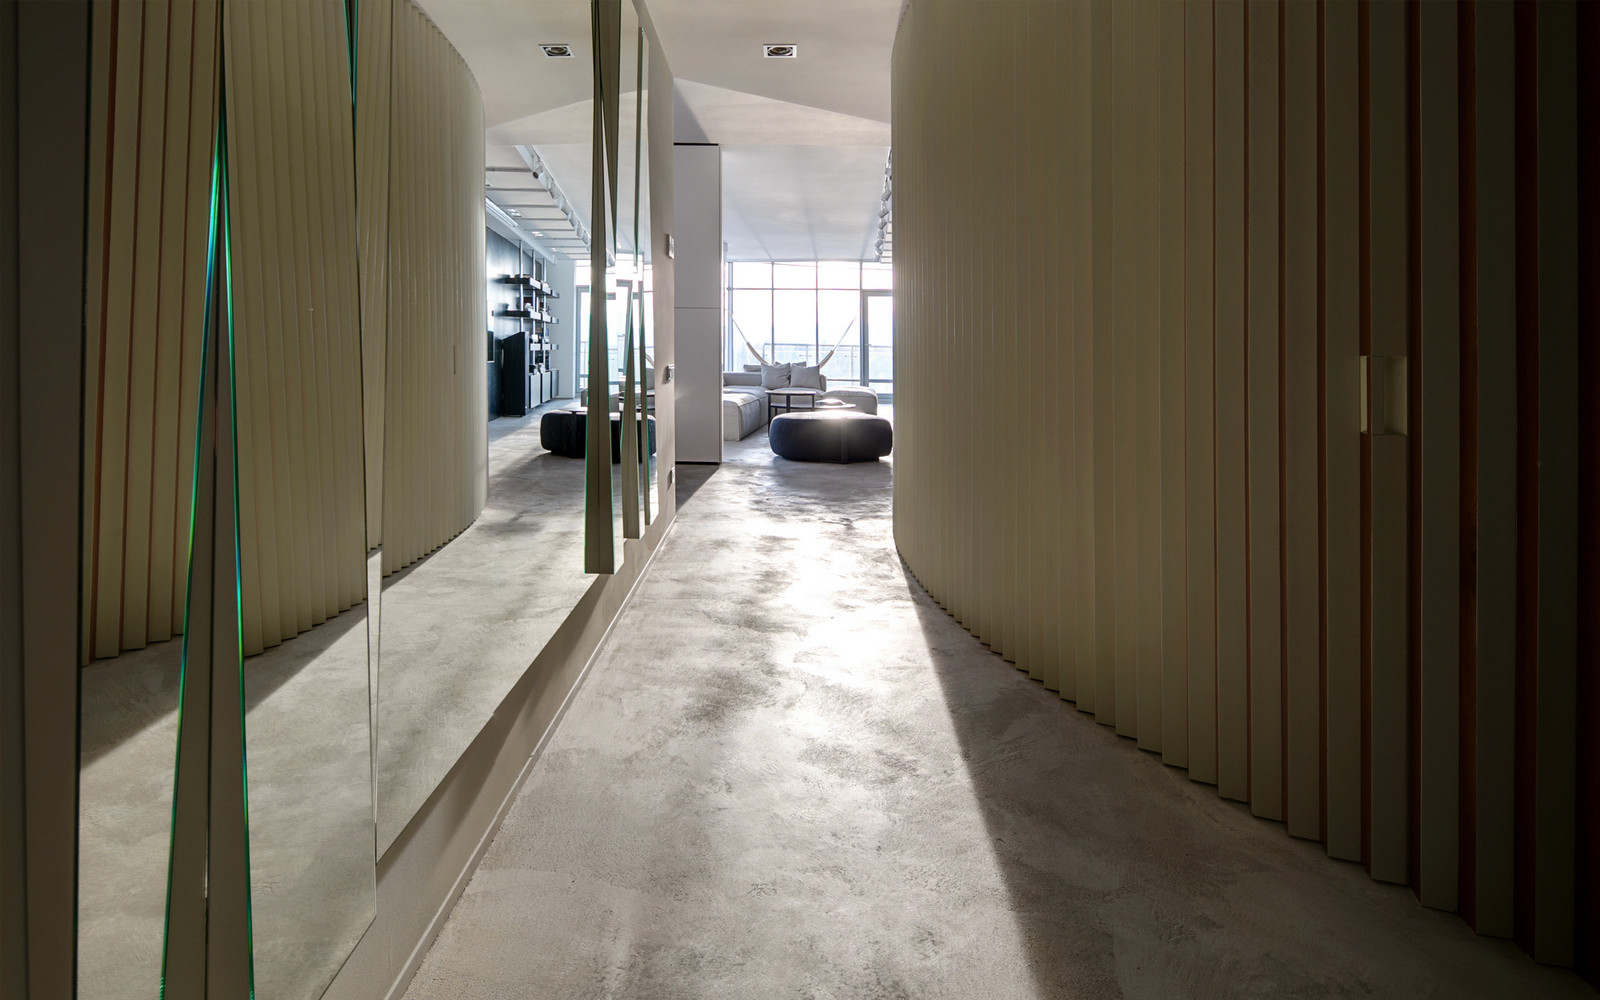 панорамни прозорци и свобода в просторния градски апартамент_19